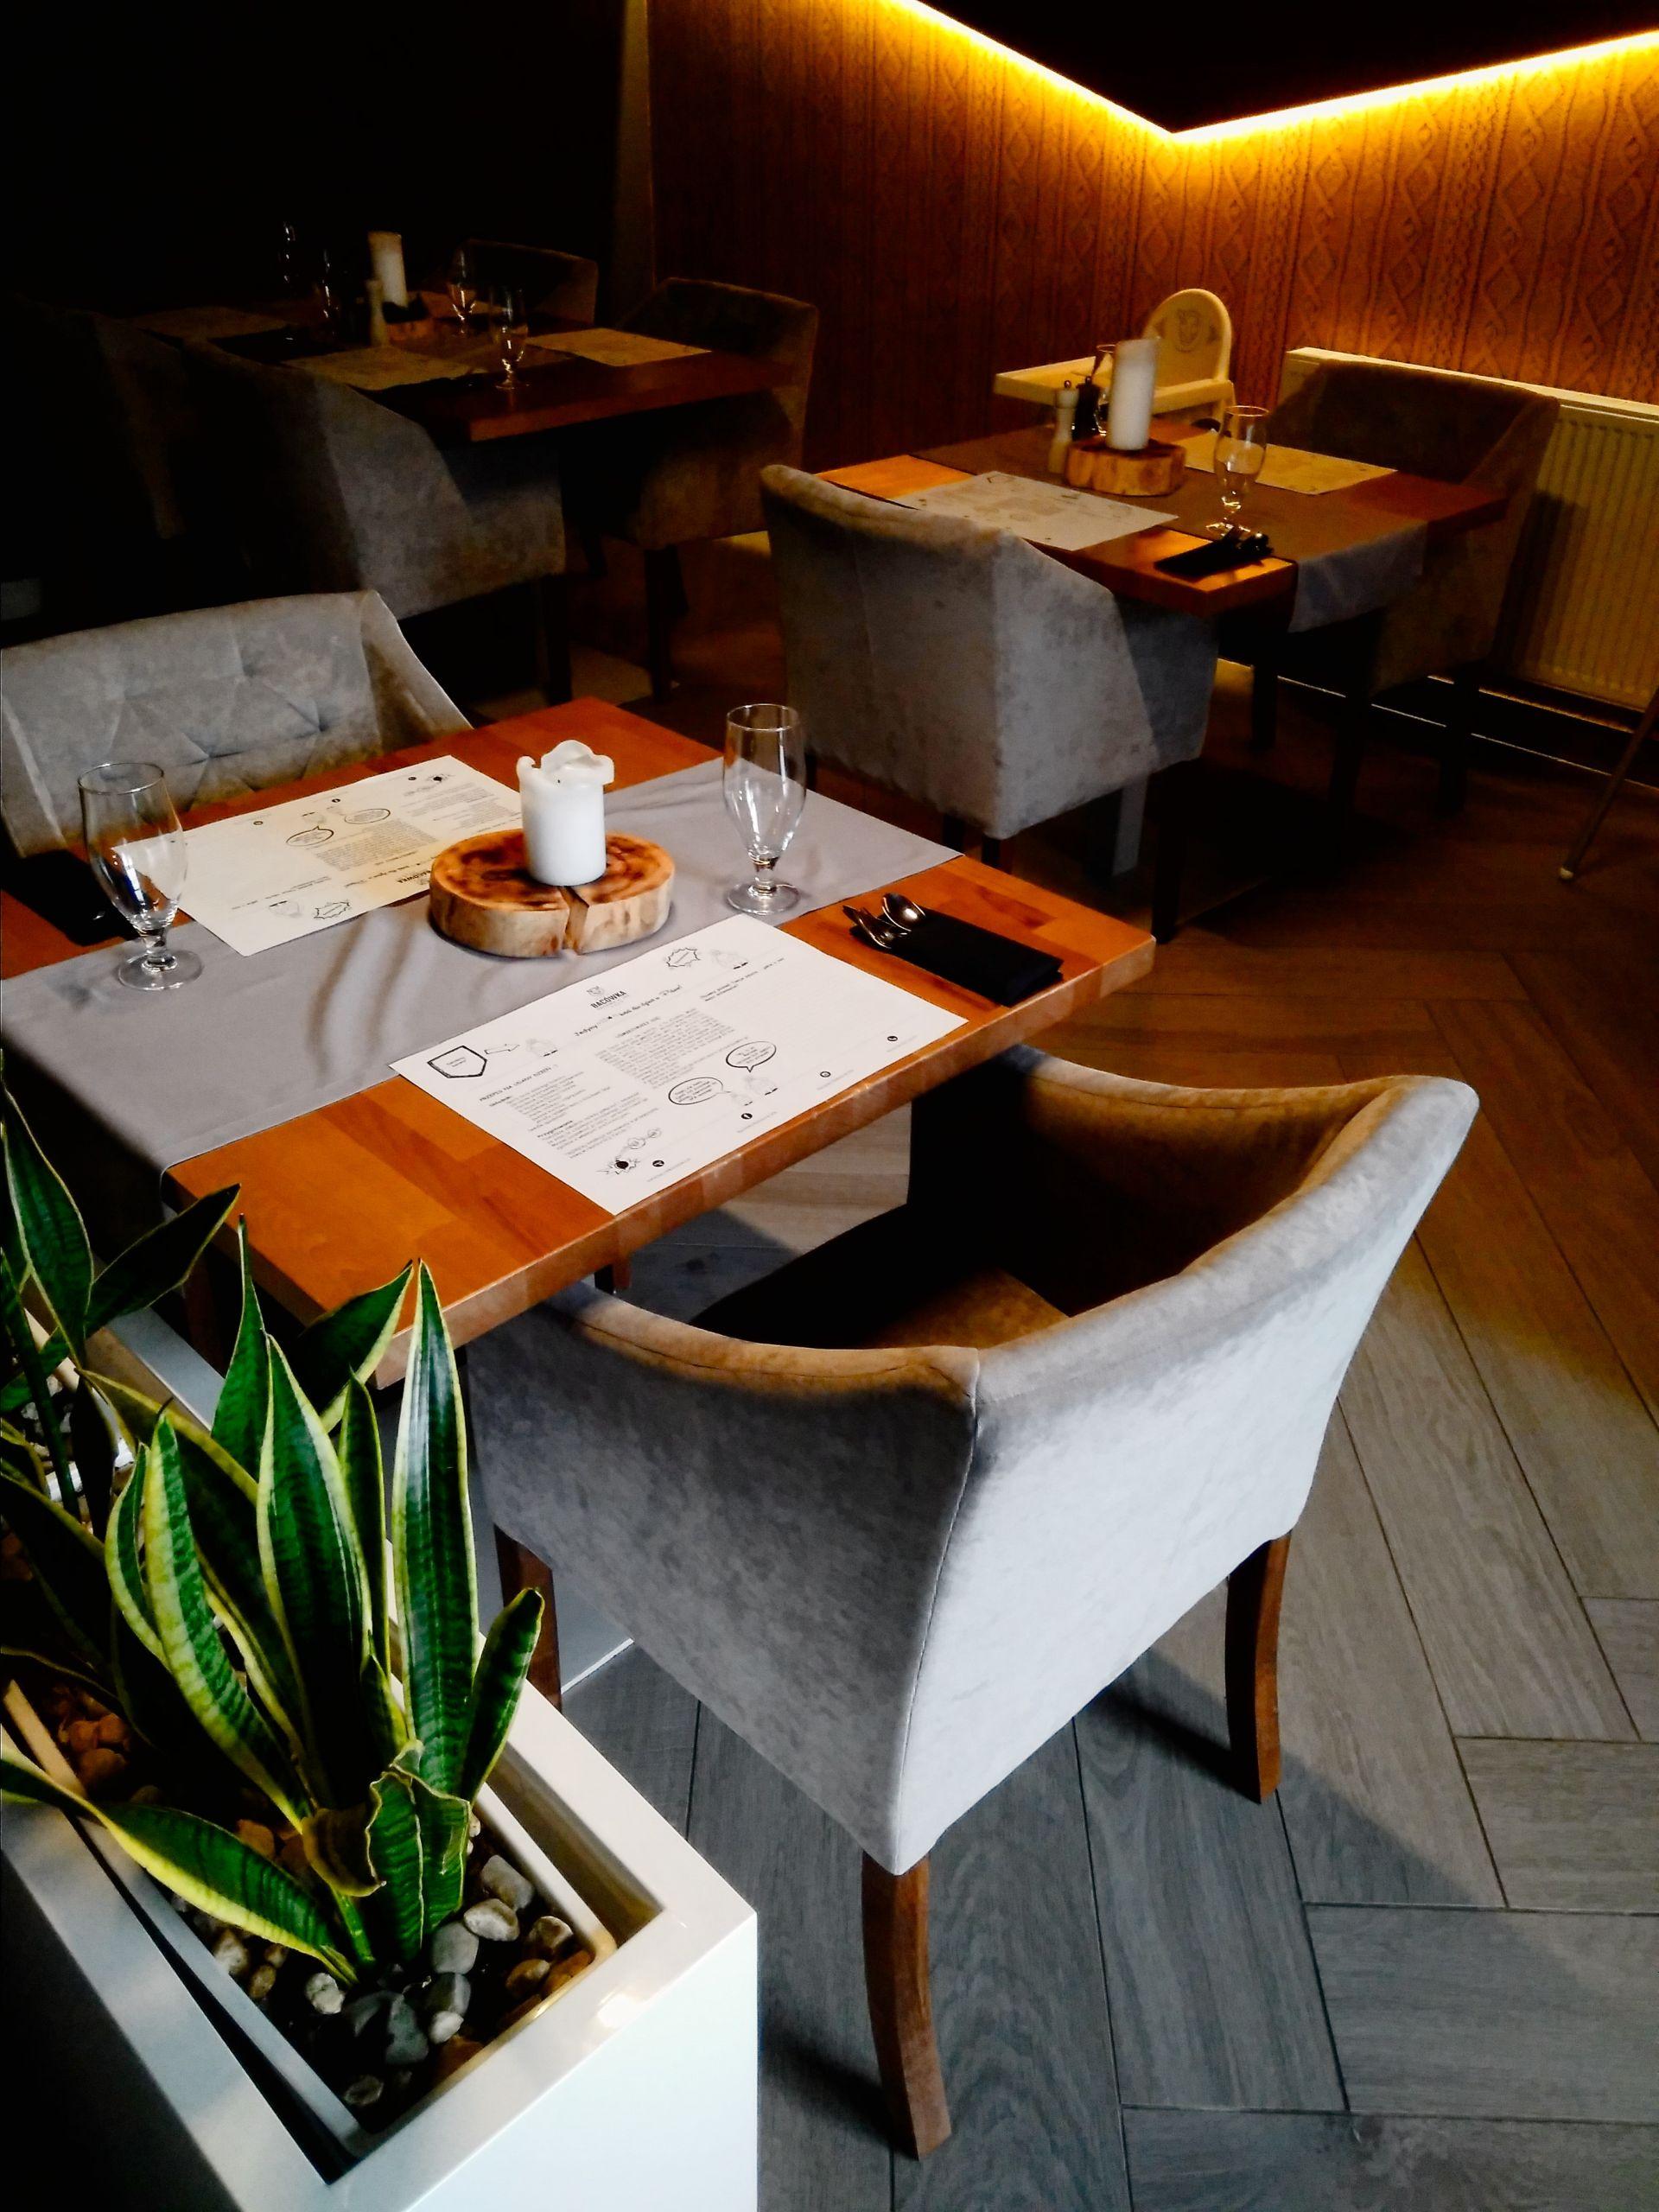 Stolik w restauracji.